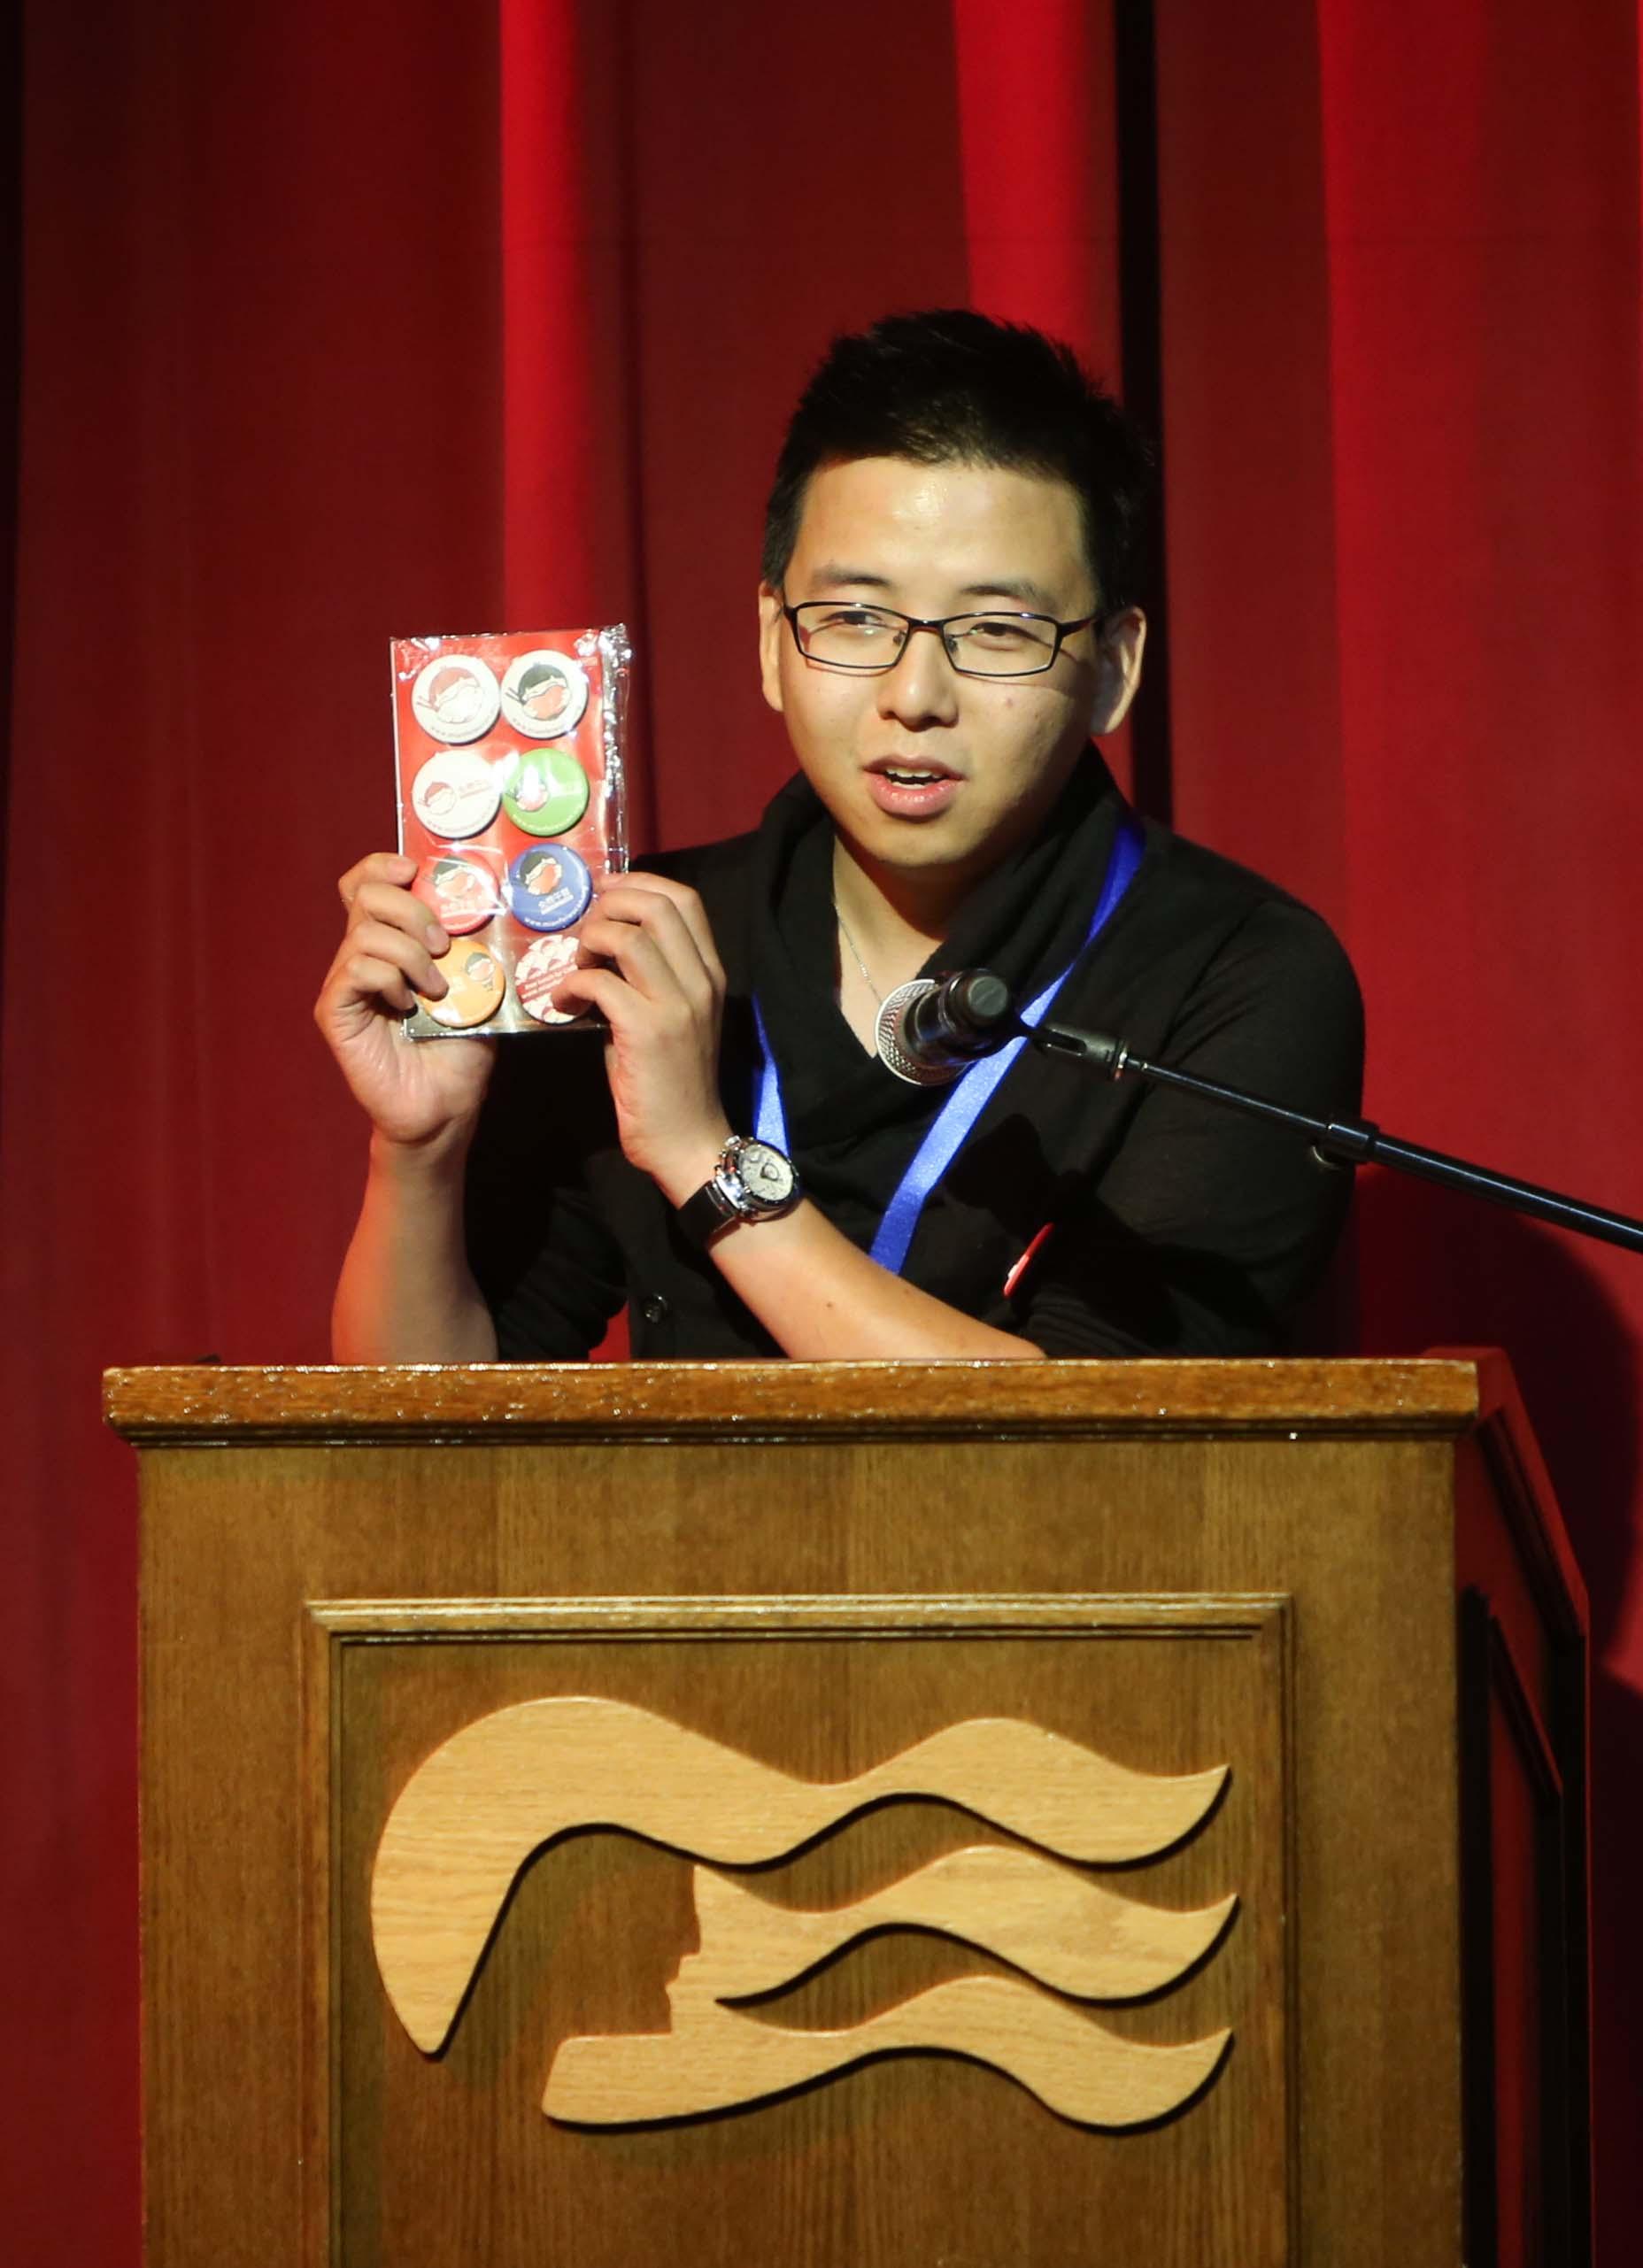 公主邮轮社区基金会携手免费午餐基金为中国贫困山区学童筹款